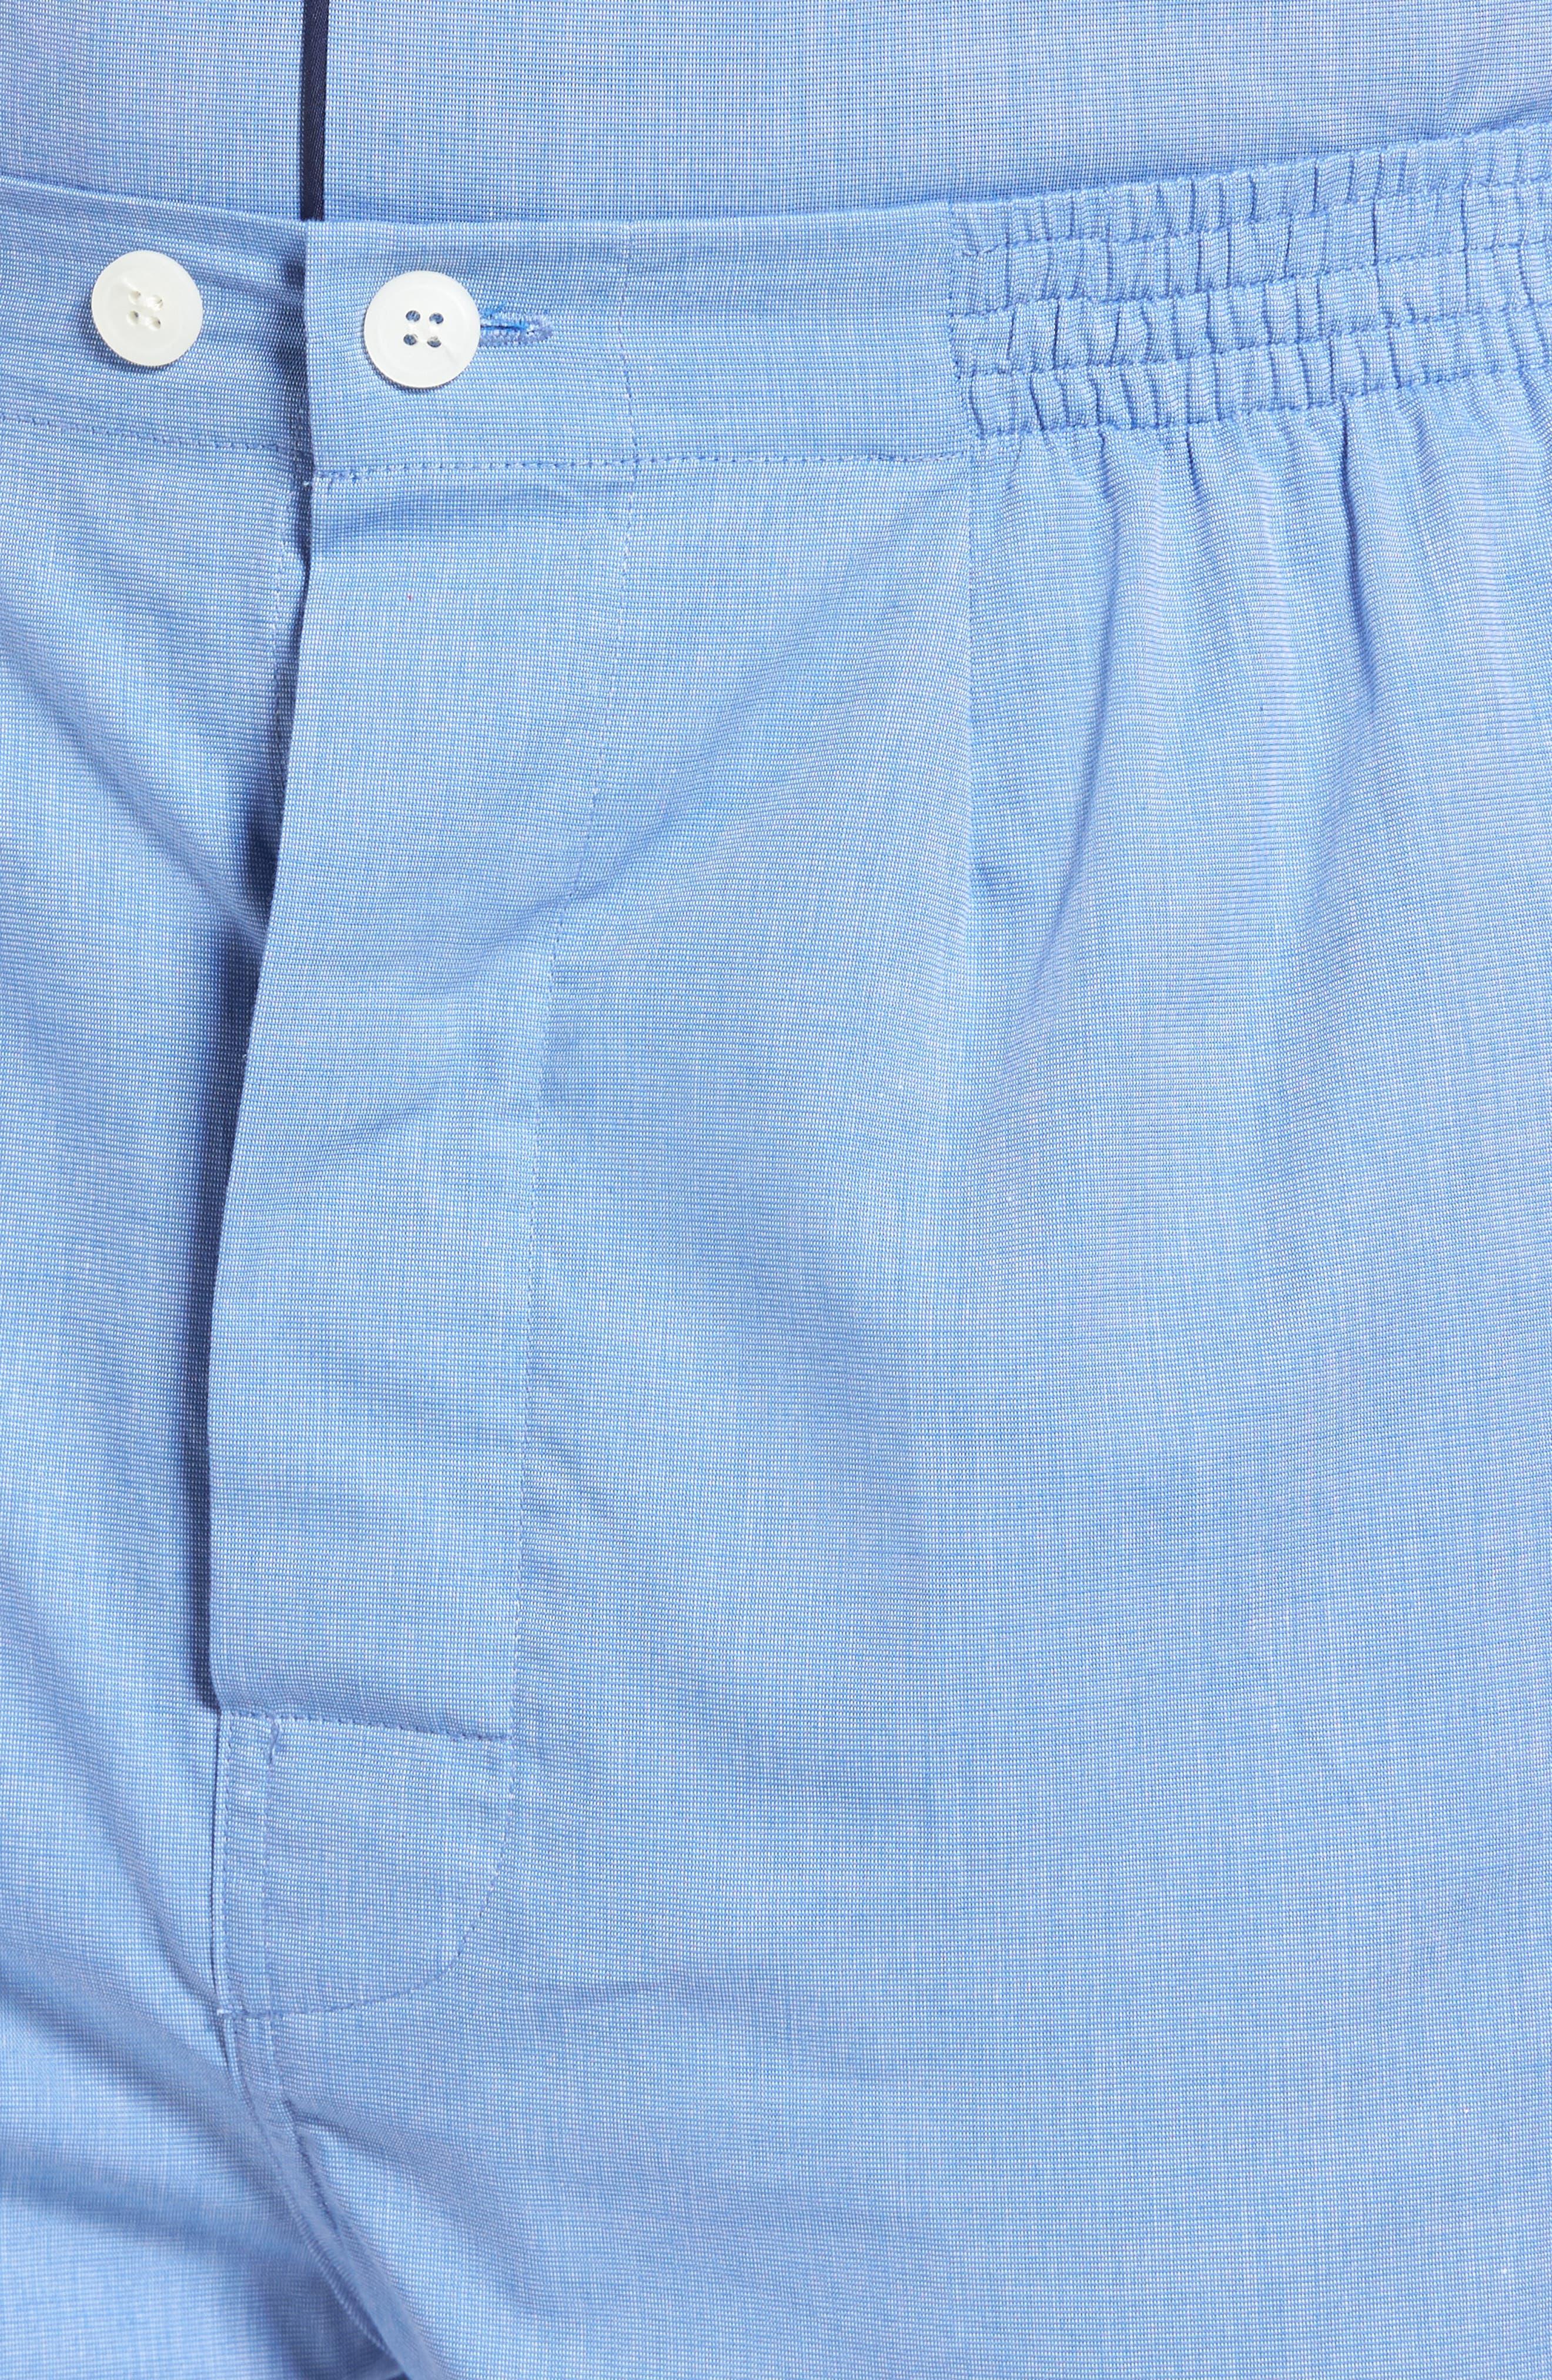 Cotton Short Pajamas,                             Alternate thumbnail 4, color,                             BLUE